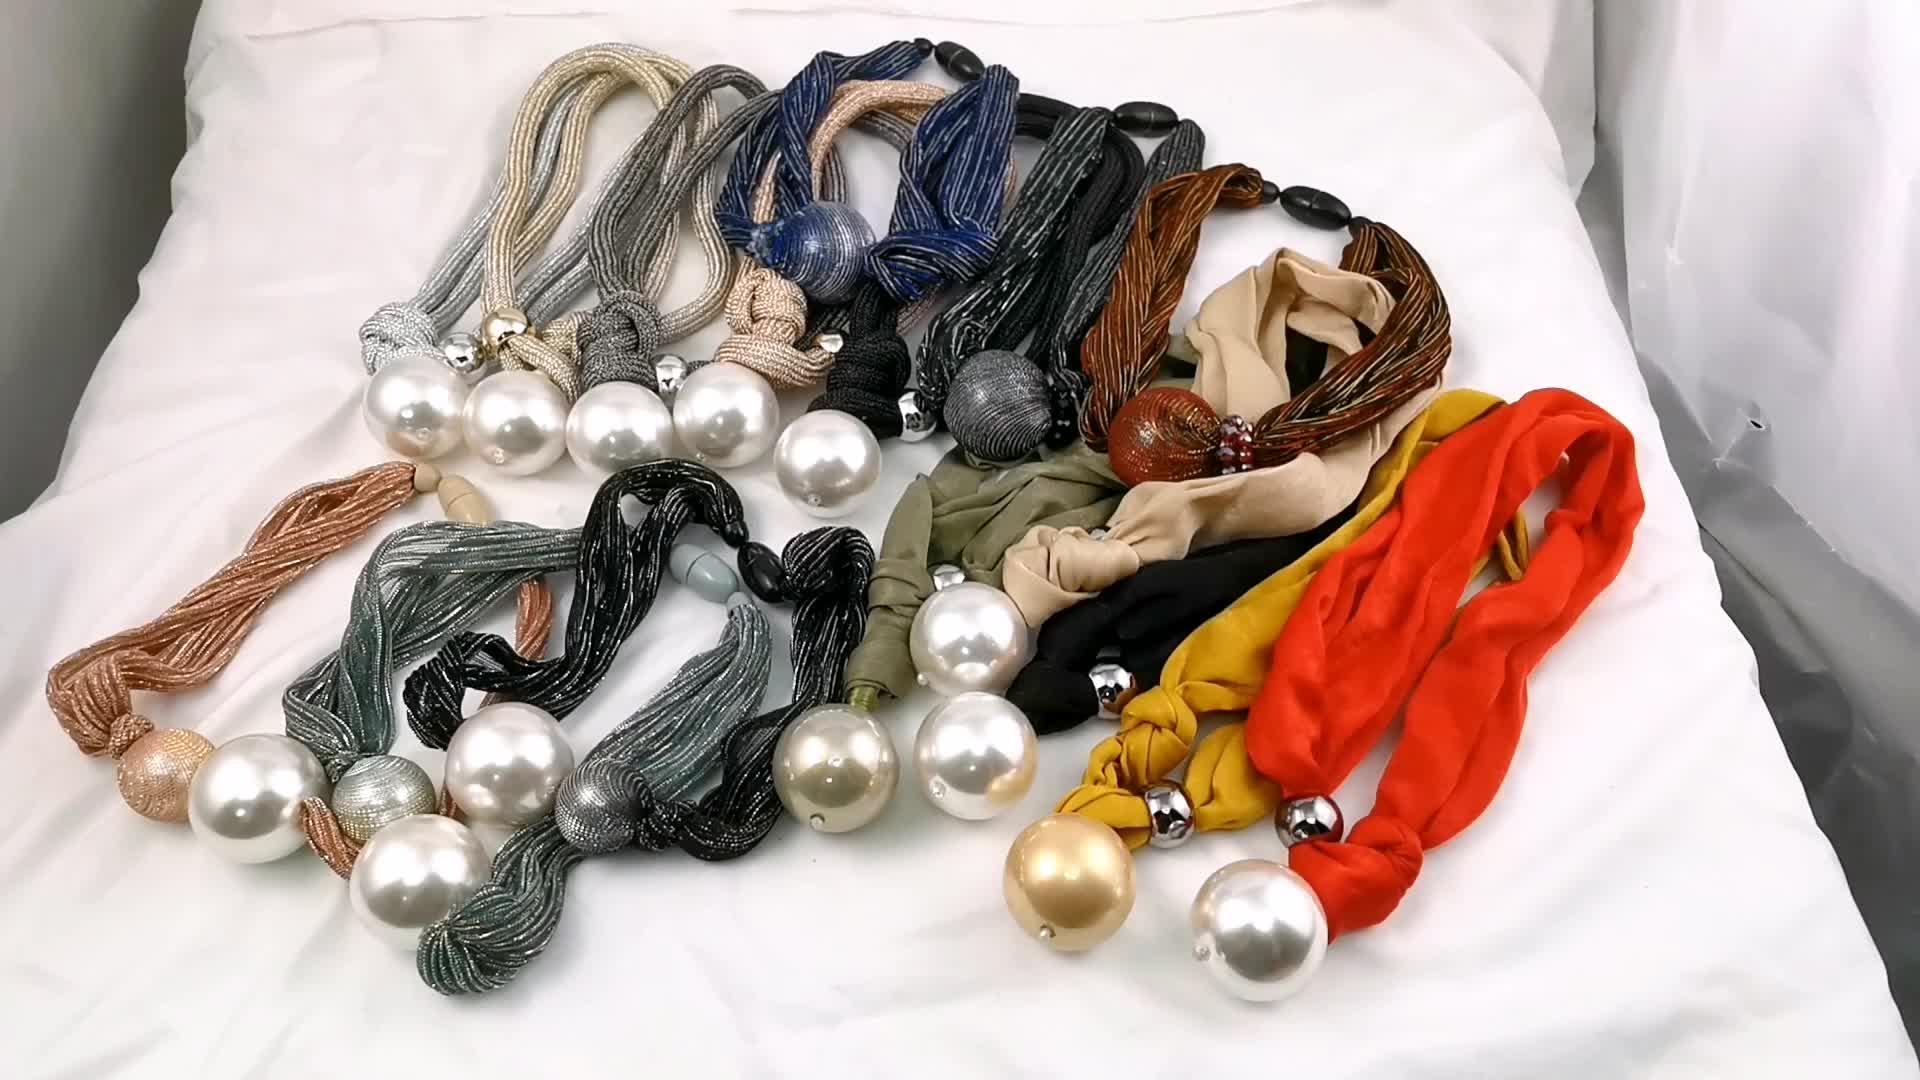 HANSIDON HandmadeเชือกปรับBig Pearlสร้อยคอผู้หญิงChokersจี้สร้อยคอแฟชั่นเครื่องประดับ